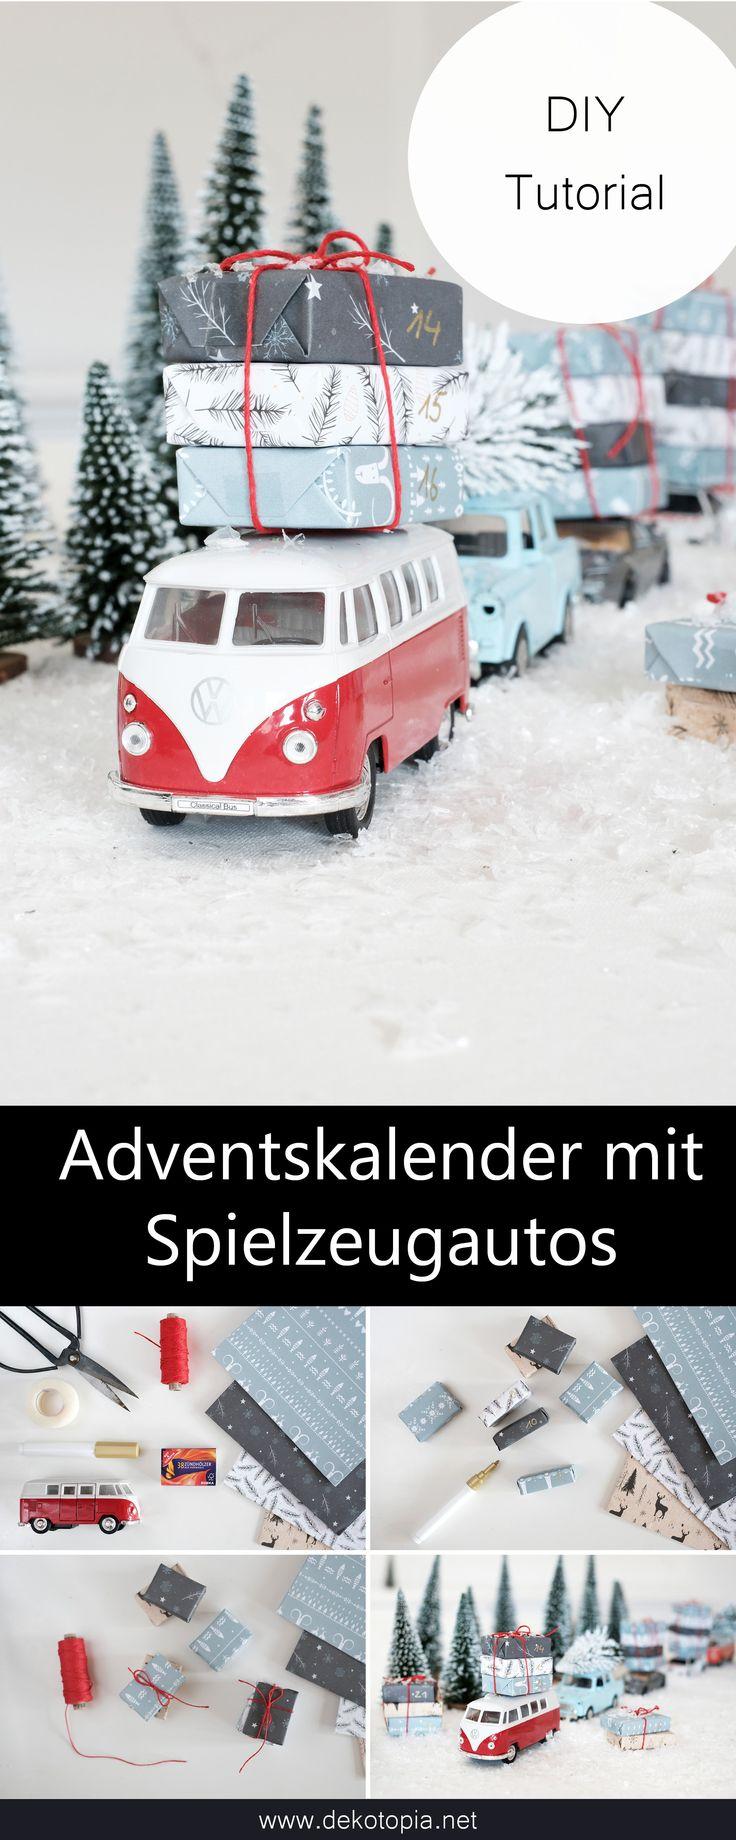 DIY Alneitung: Cooler Adventskalender mit Spielzeugautos ganz einfach selber mac… – dekotopia – DIY, Deko, Tutorials und Wohnen